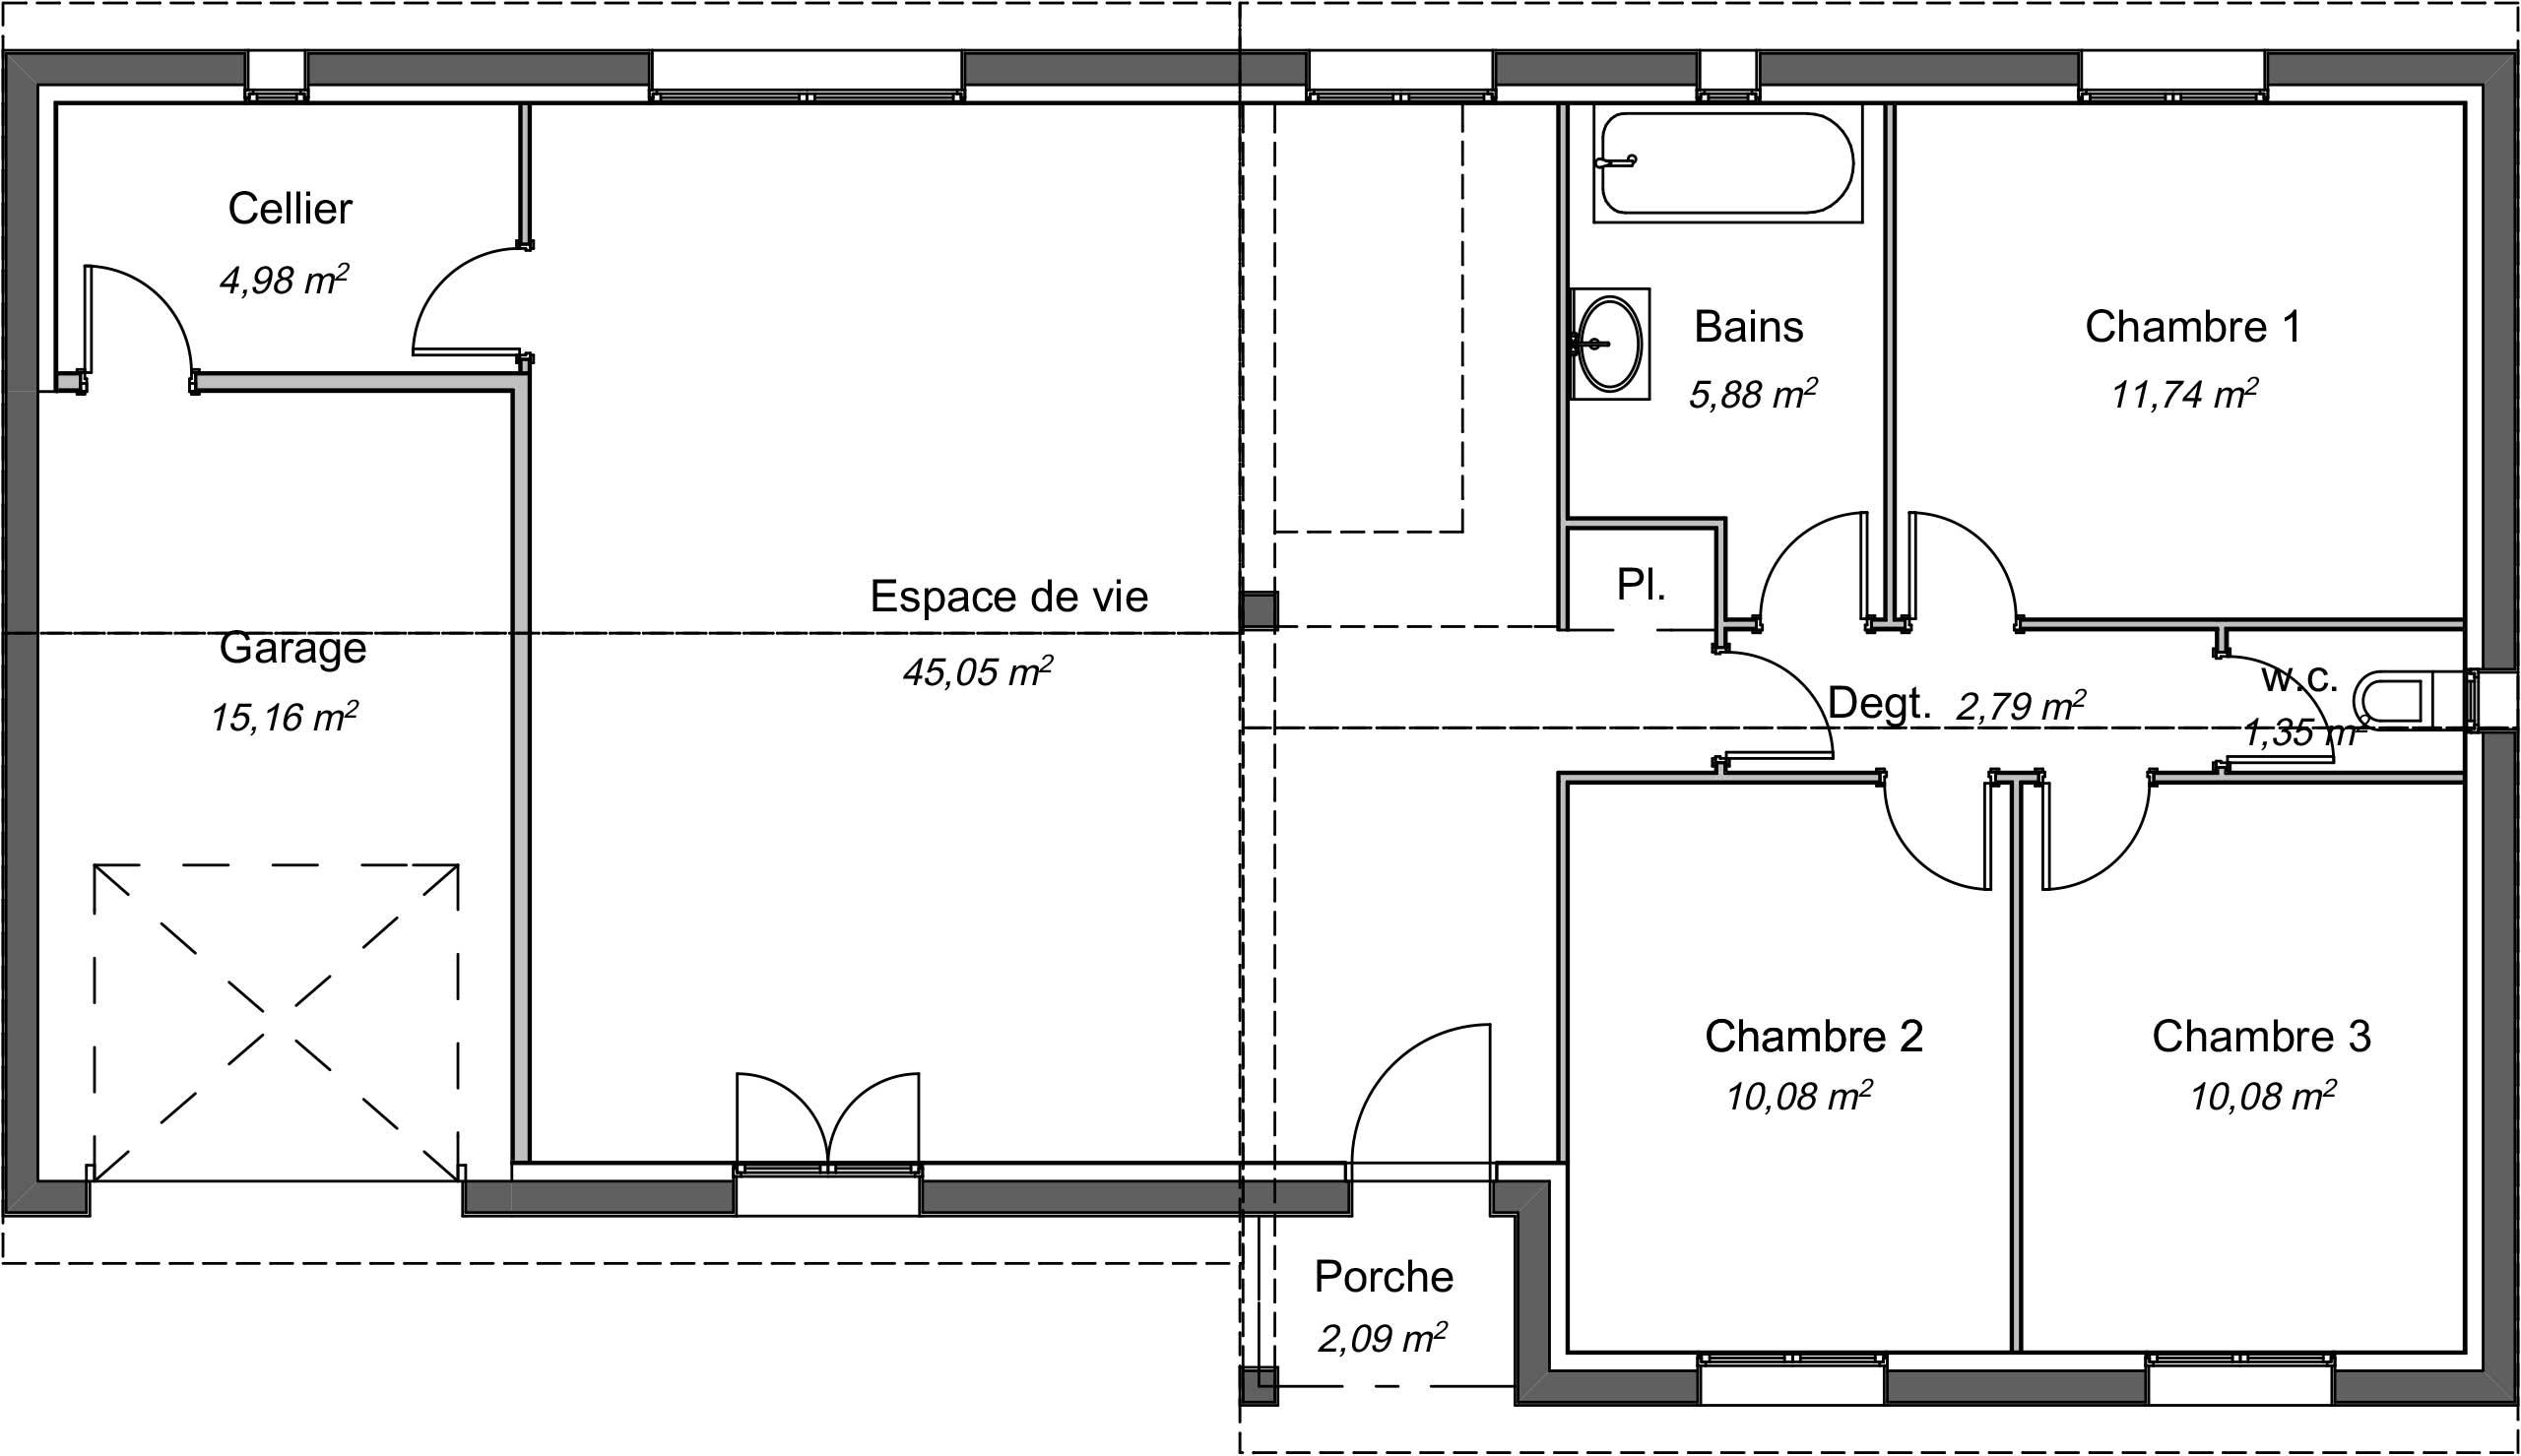 Maison Contemporaine Plain Pied Lilas Avec Plans Demeures D